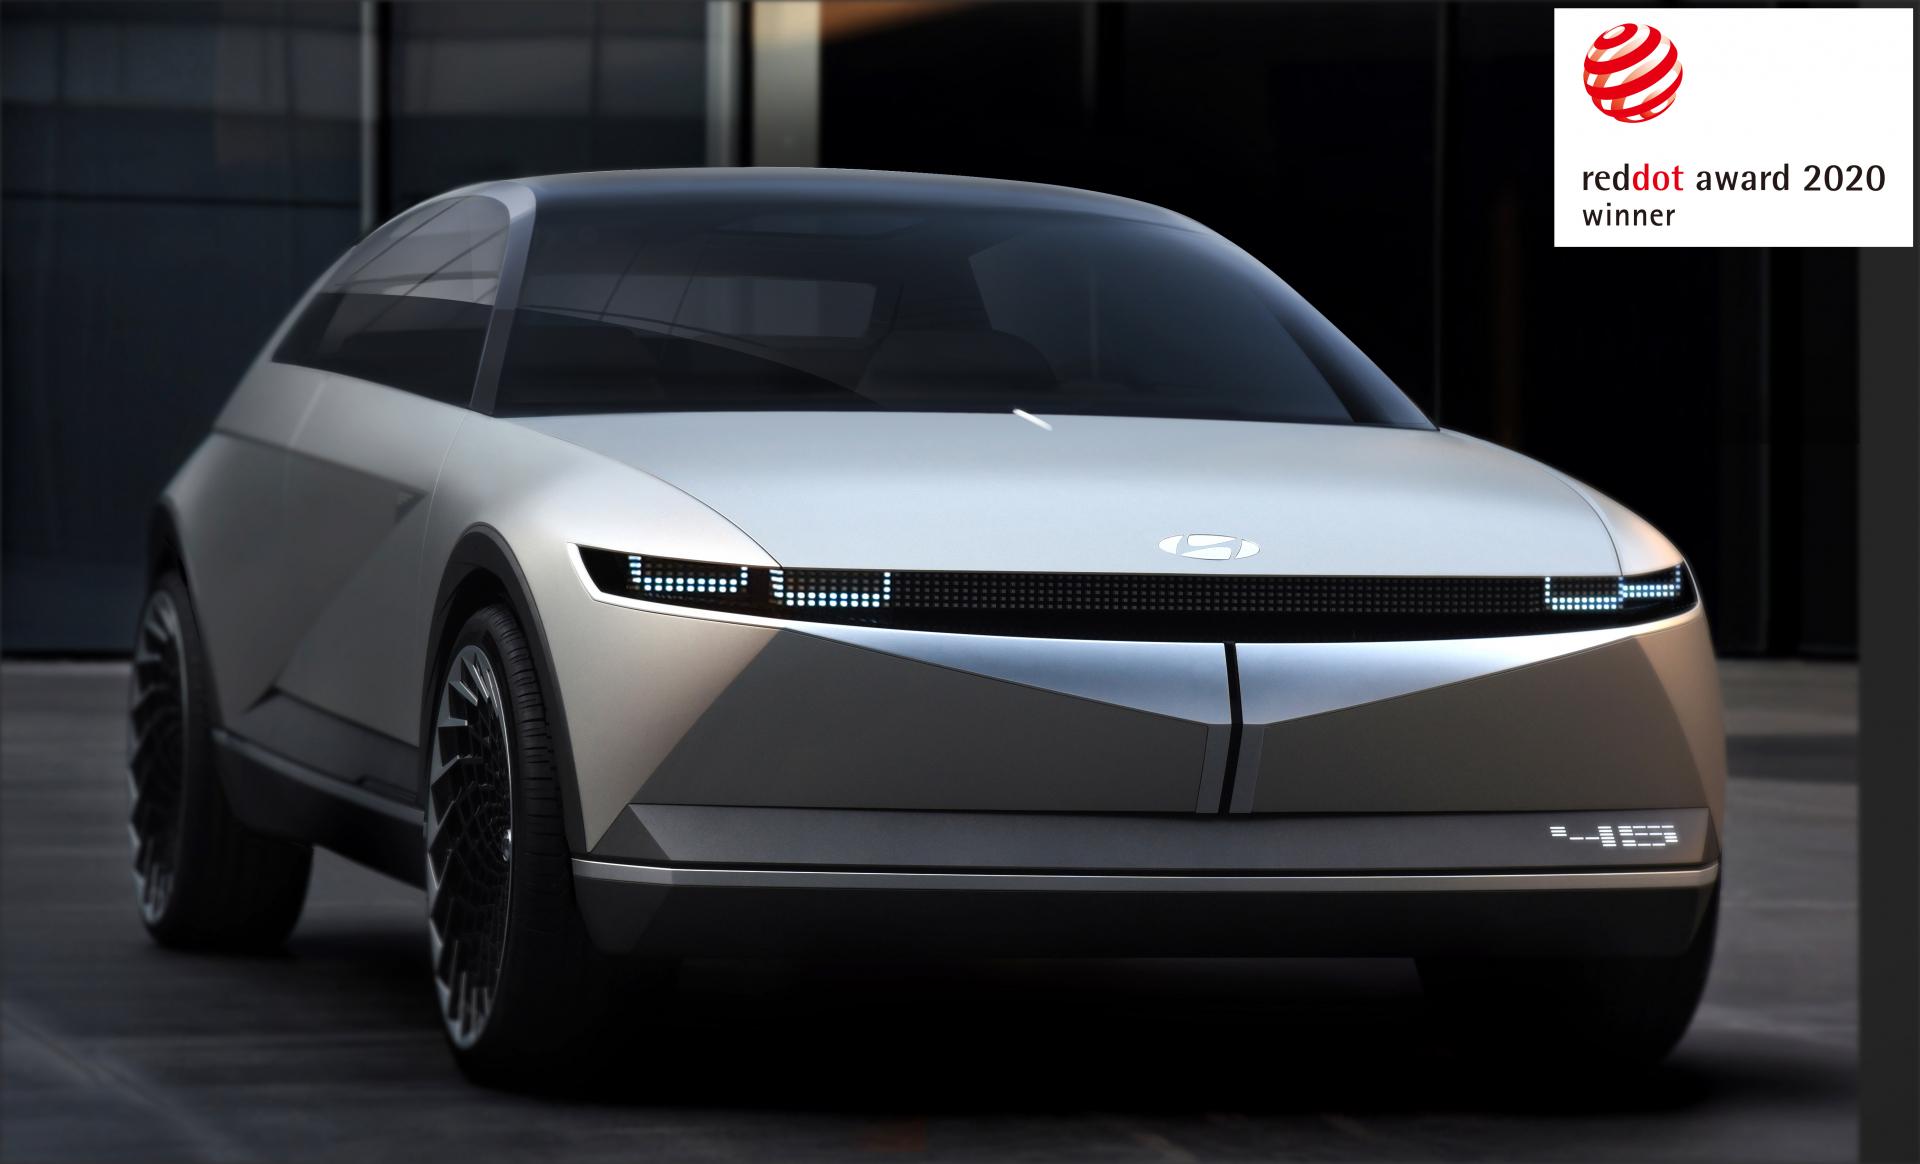 Компанія Hyundai Motor отримала три нагороди Red Dot Award 2020 за концептуальний дизайн | ТОВ «АлексСхід» - фото 9